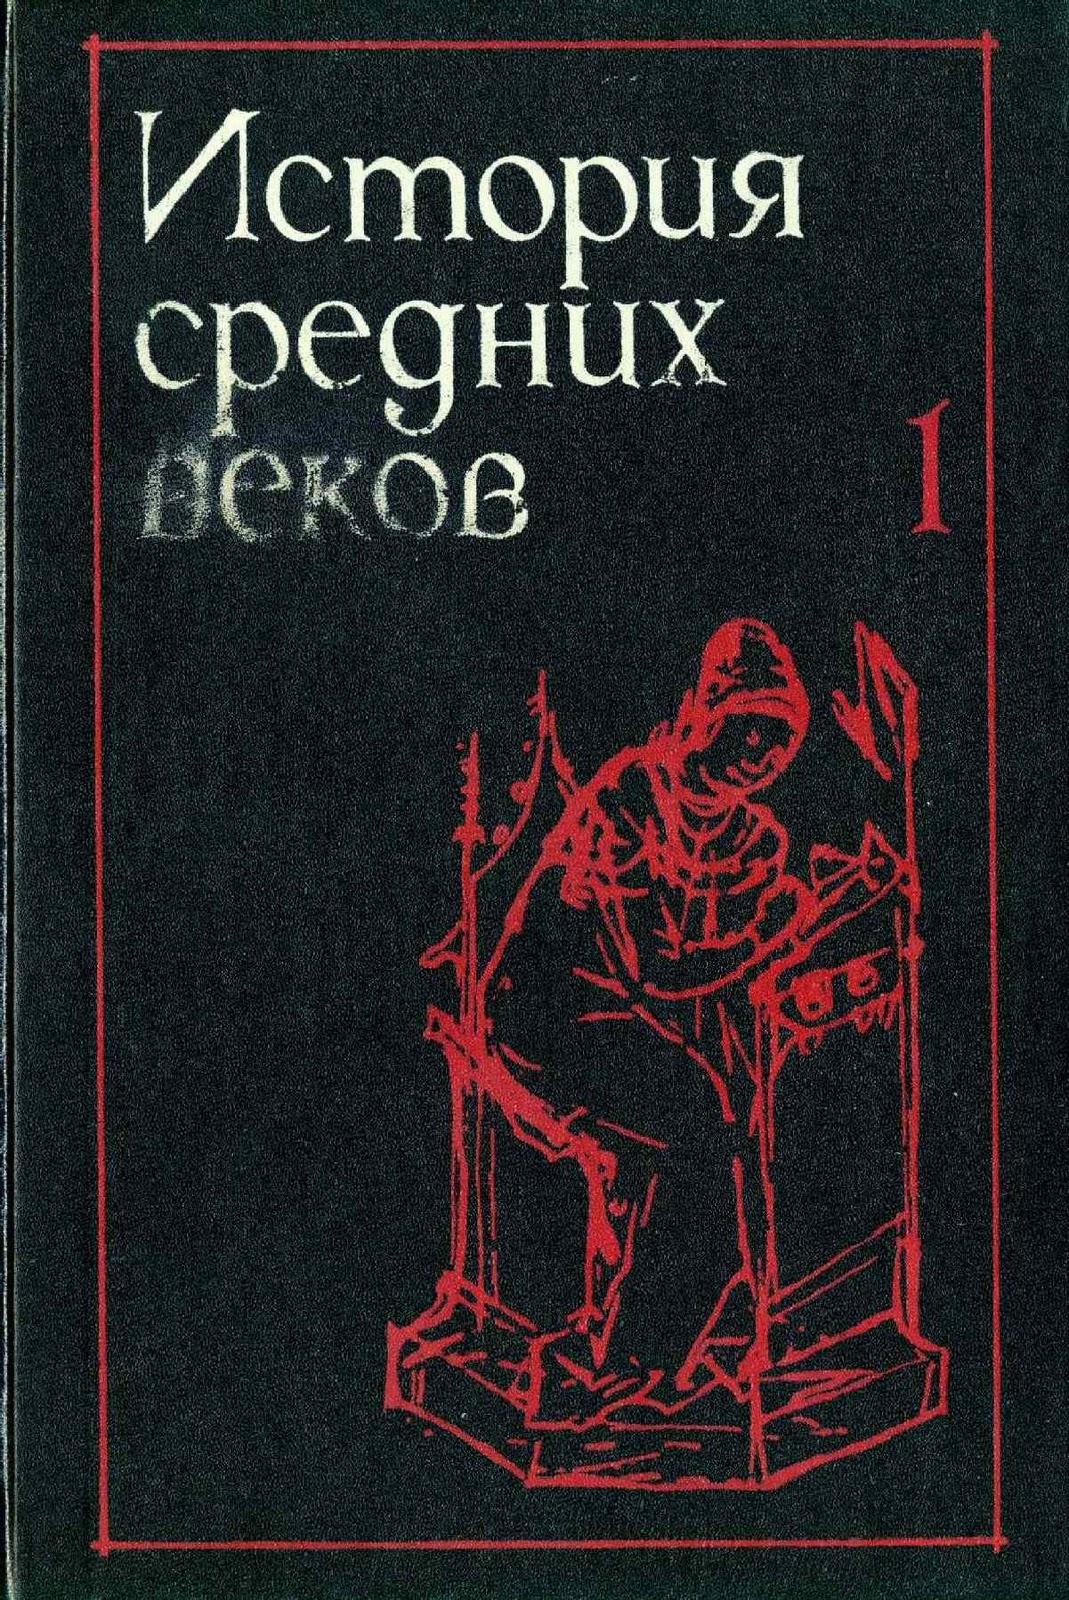 История средних веков: в 2 т. Т. 1 и 2 / под ред. С. П. Карпова. 4.